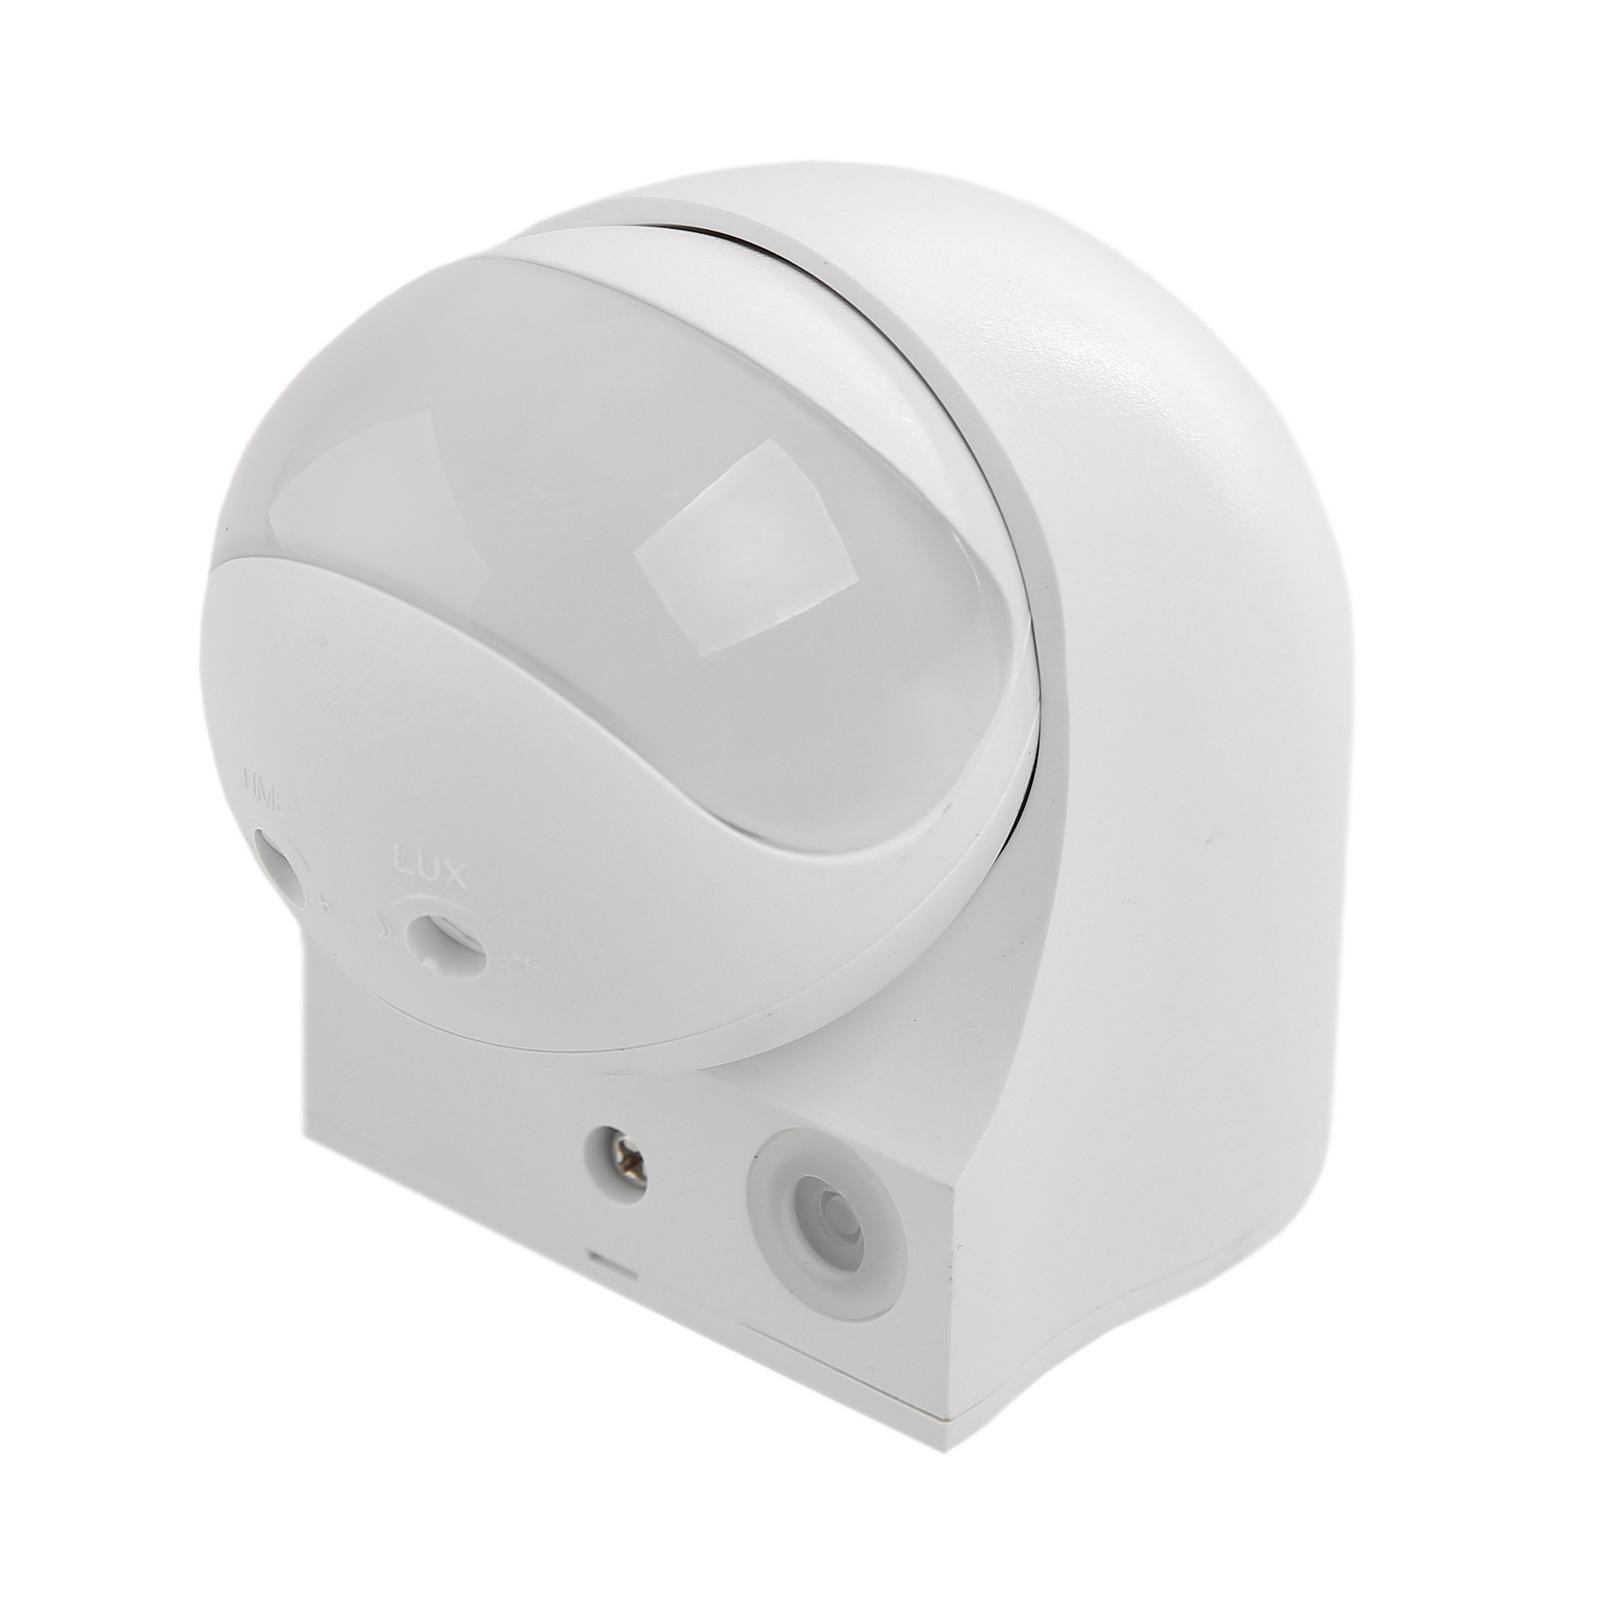 Датчик движения IekДатчики движения<br>Угол обнаружения: 180,<br>Мощность: 0.45,<br>Максимальная подключаемая мощность: 1100,<br>Радиус действия: 10,<br>Материал: пластик,<br>Цвет: белый<br>